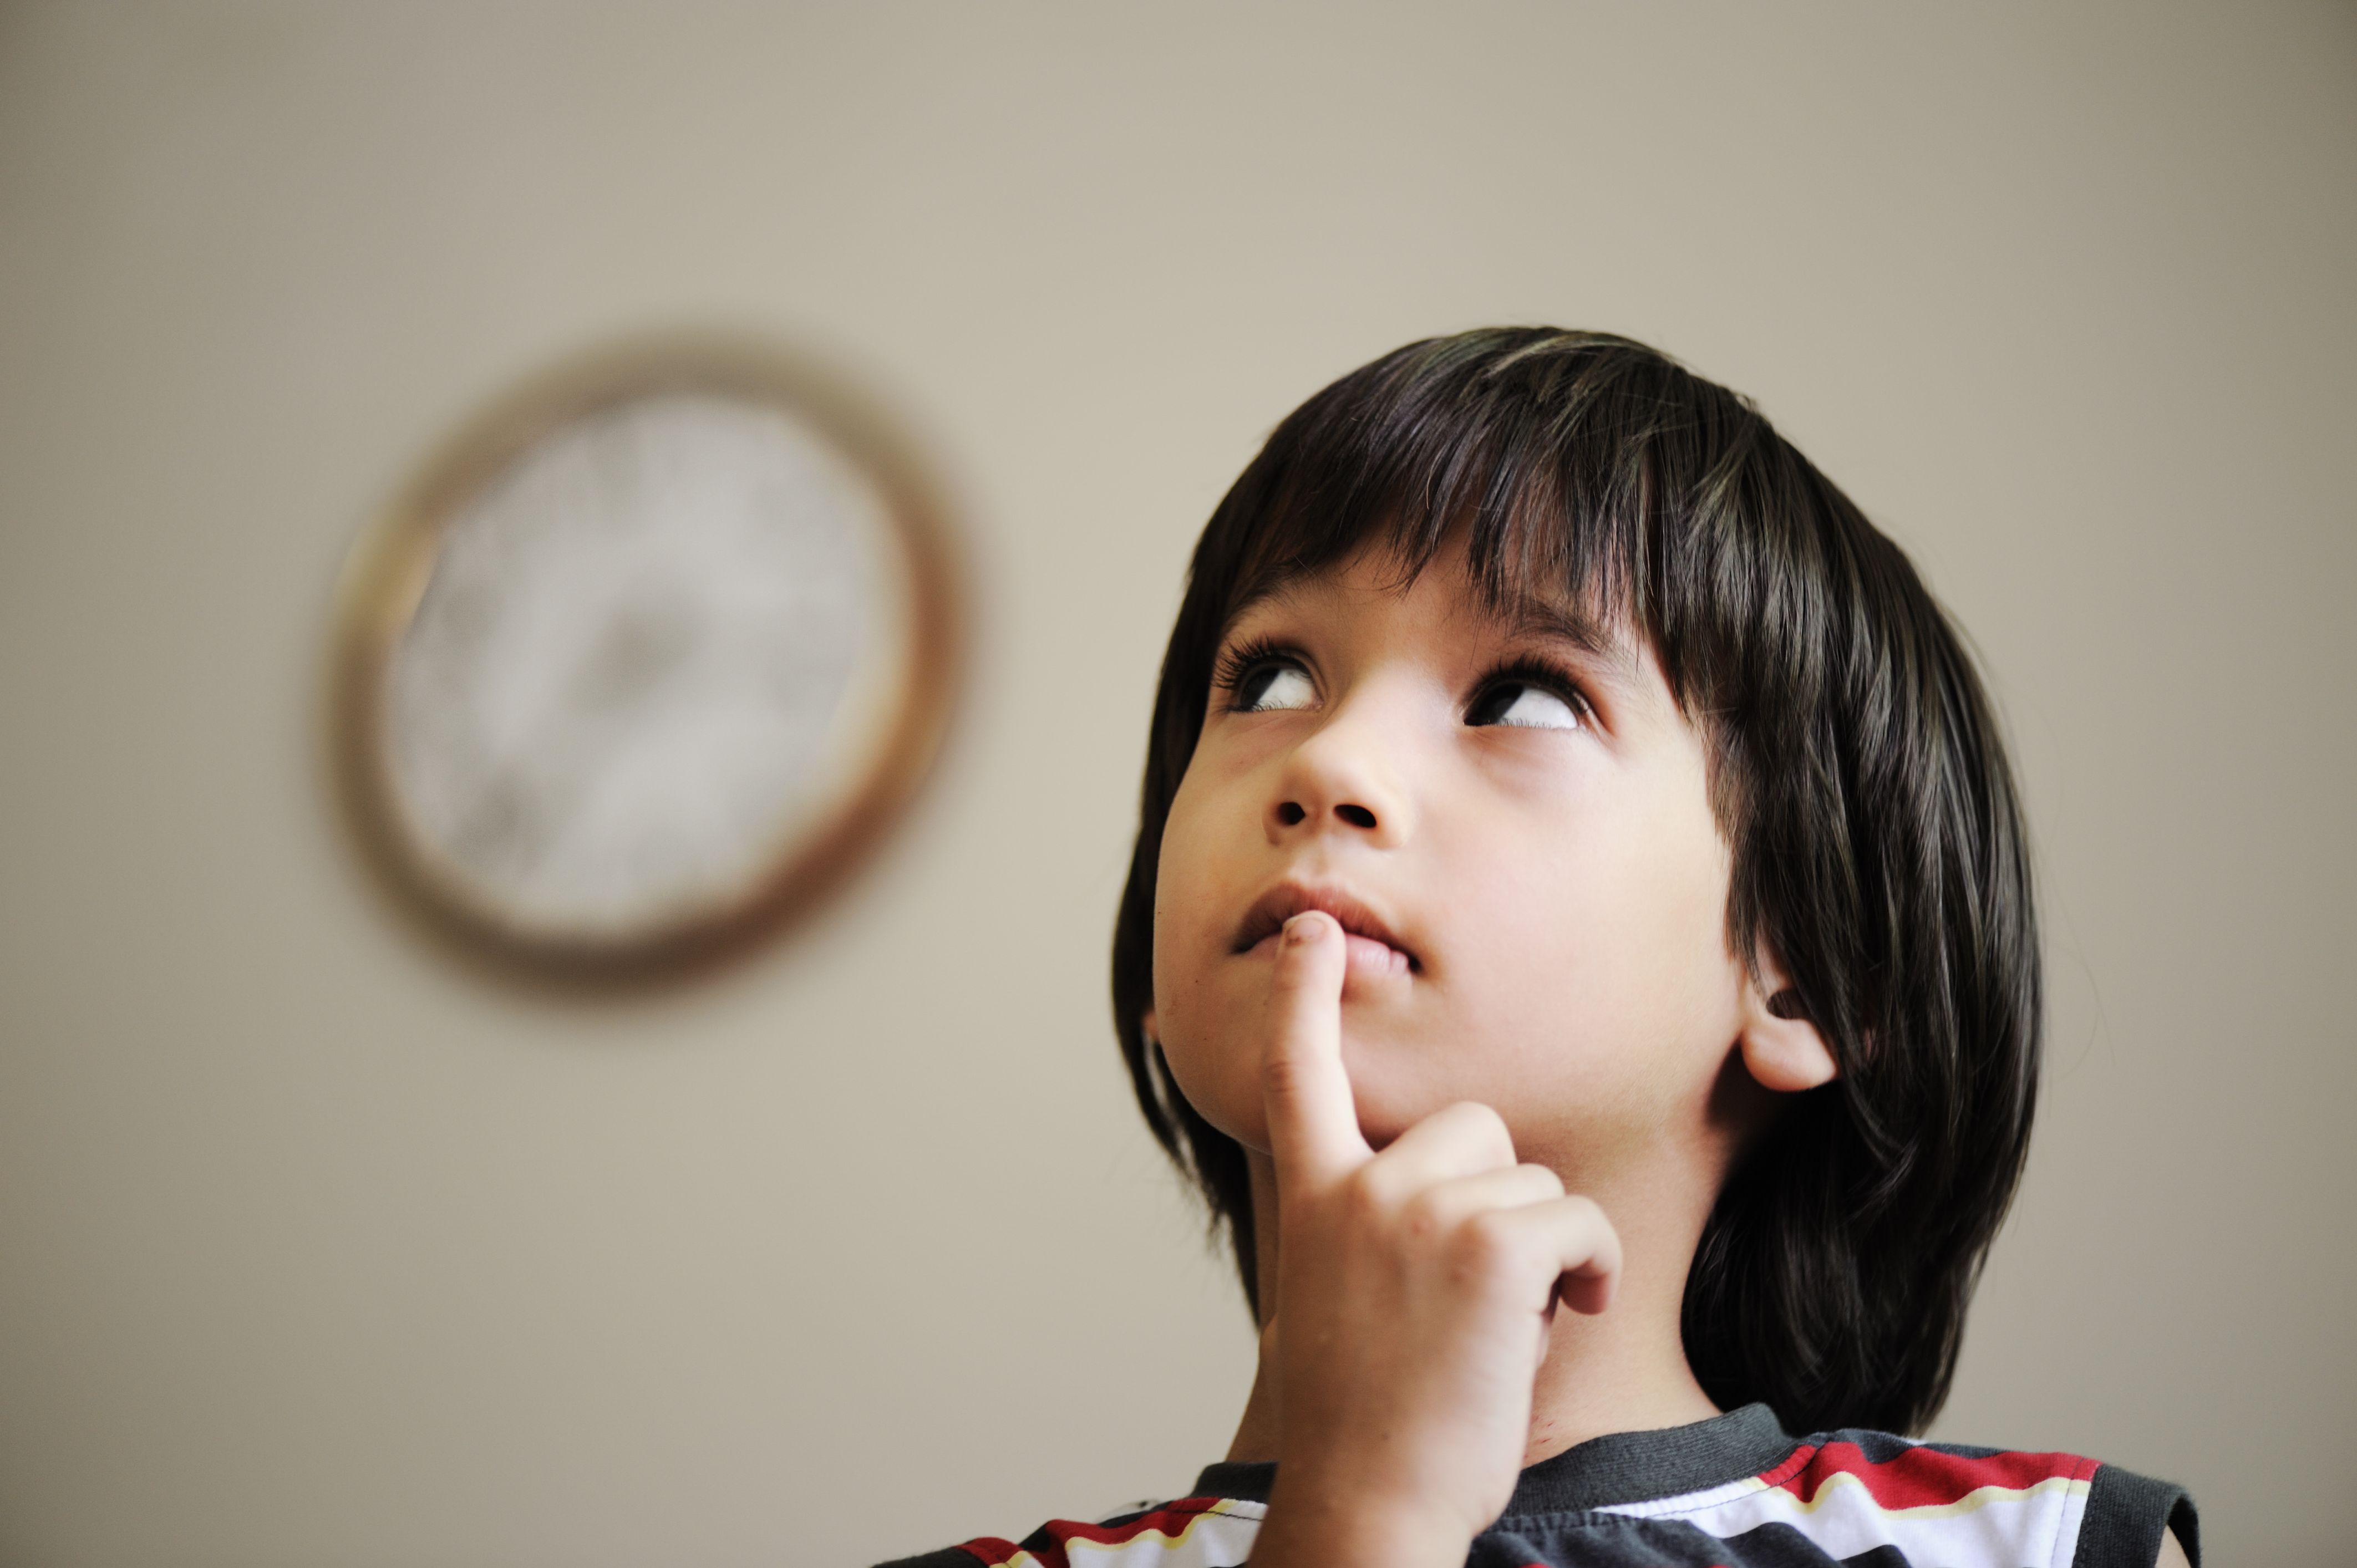 Мальчик думает, который час